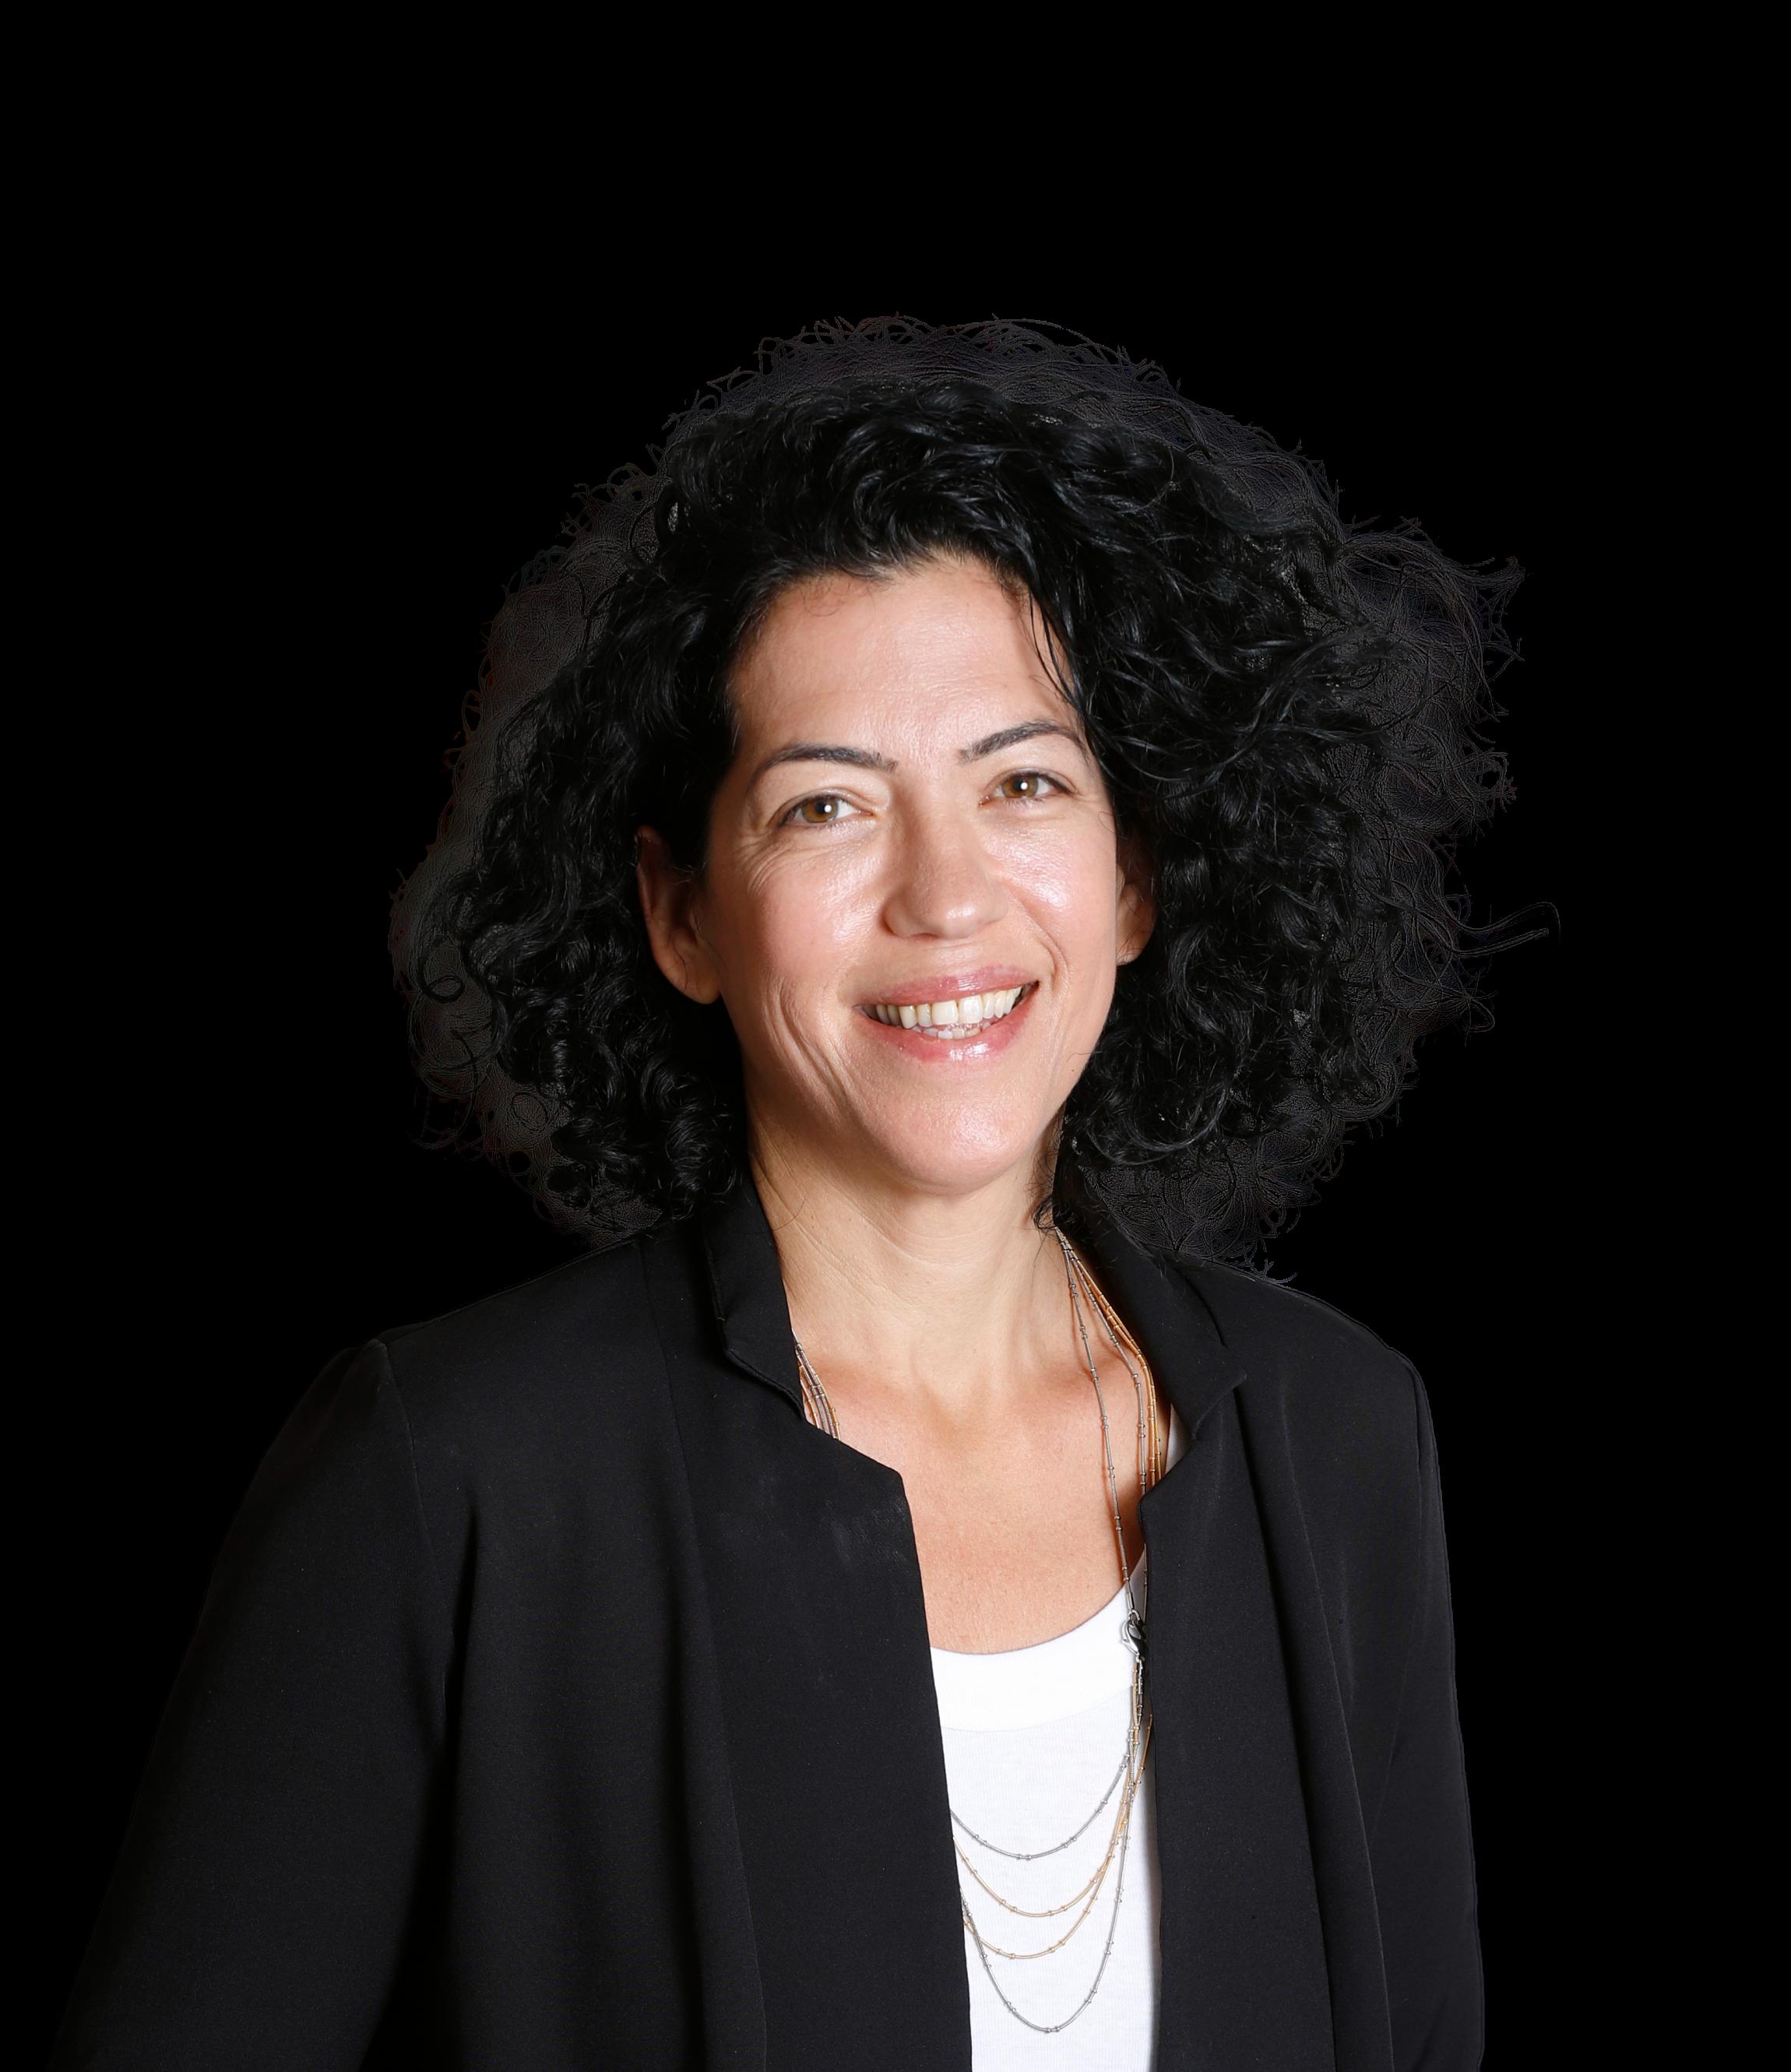 Sharon Rouach Koren